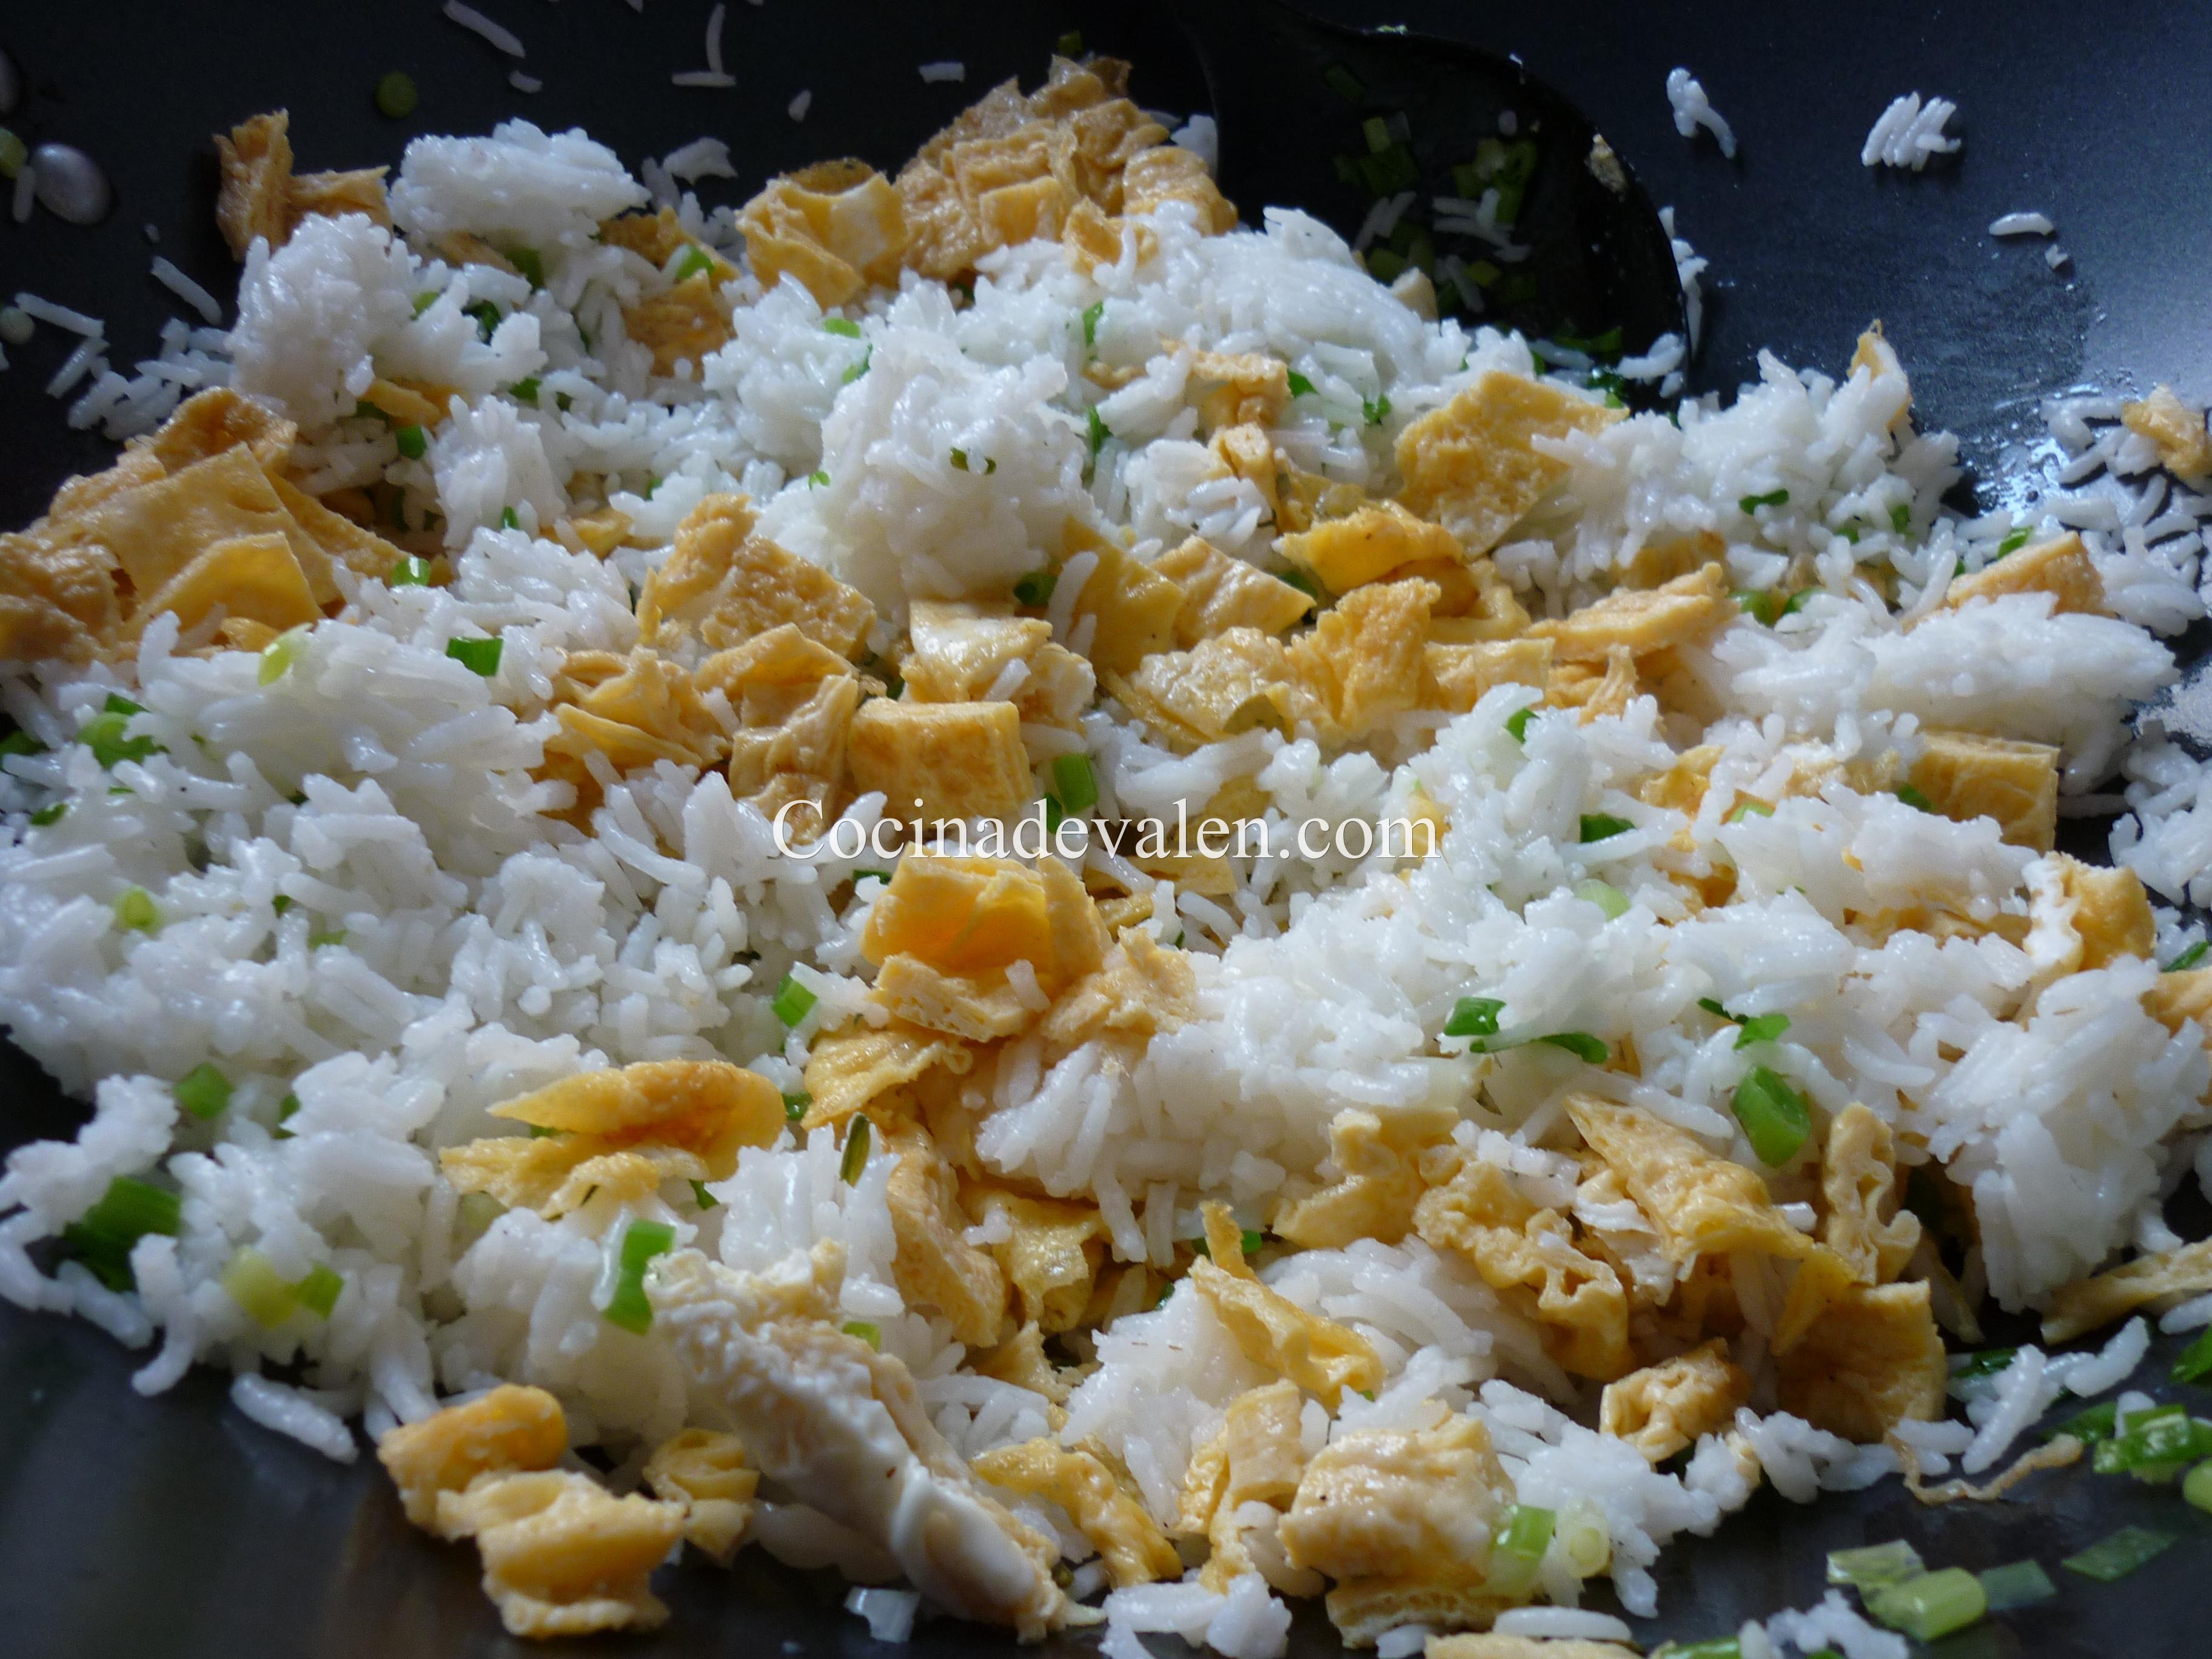 Arroz salteado con pollo pi a y anacardos cocina de valen - Arroz salteado con pollo ...